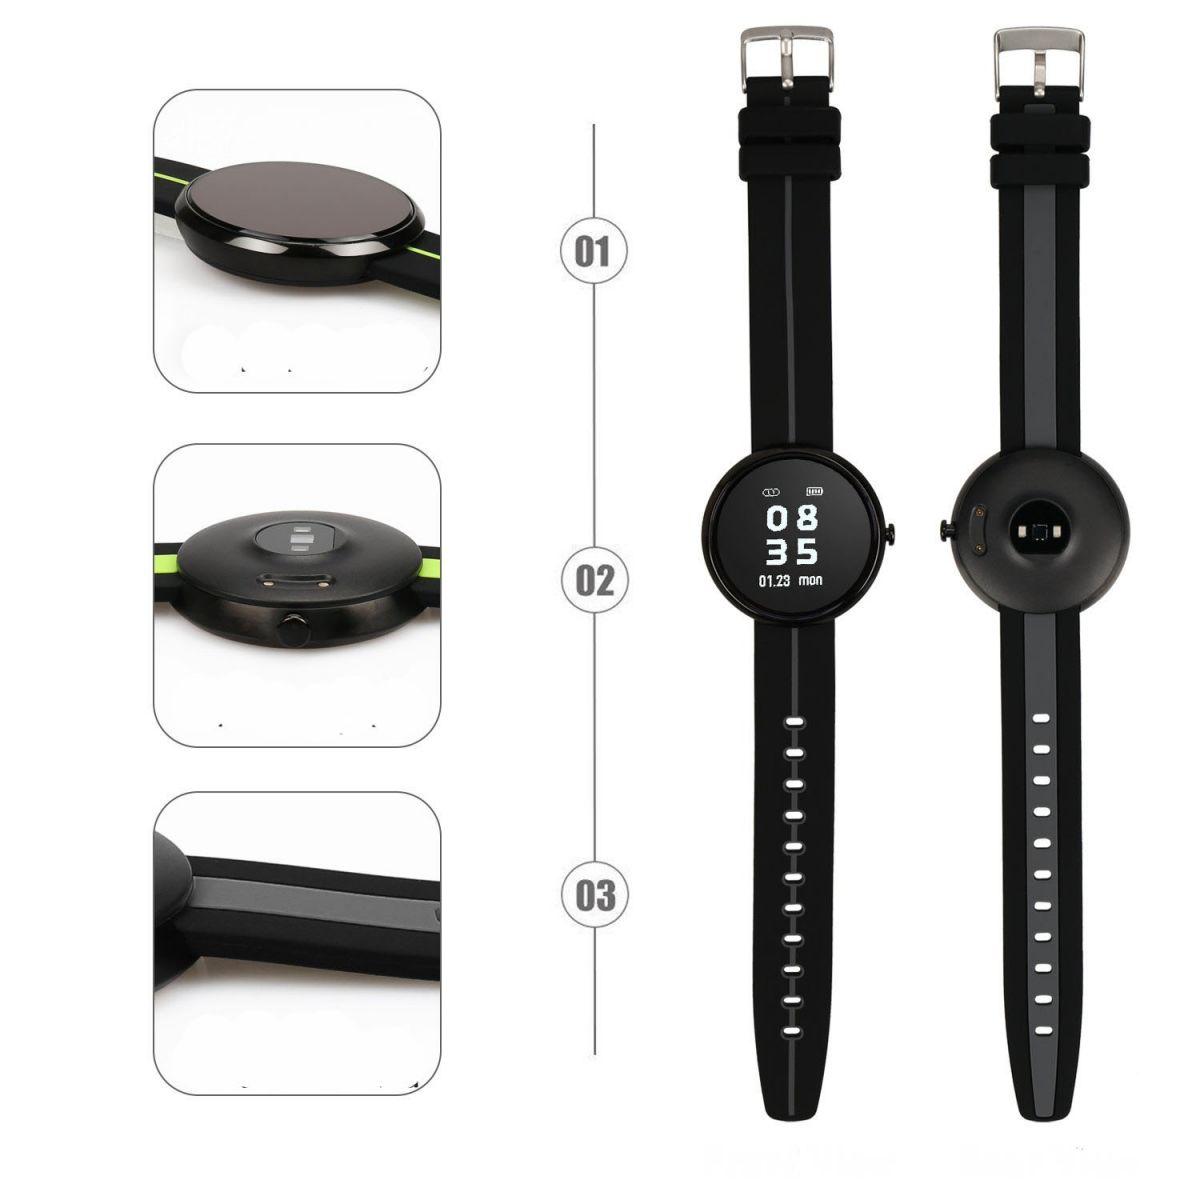 Vòng đeo tay thông minh Wonlex V06S đo nhịp tim, huyết áp tốt nhất